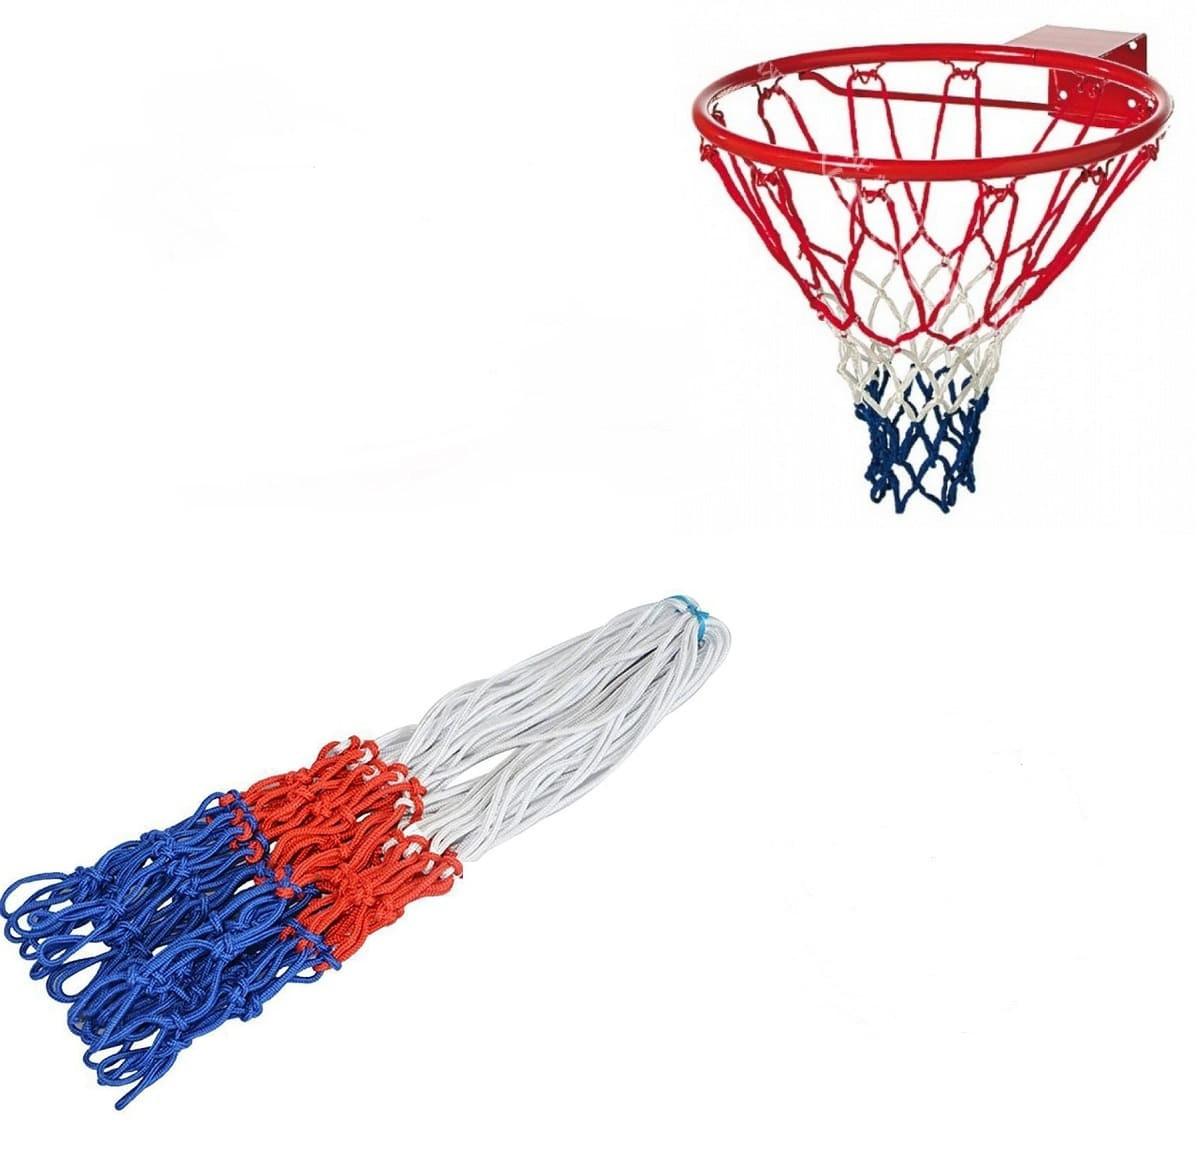 Сетка баскетбольная от 800 тг до 3000 тг